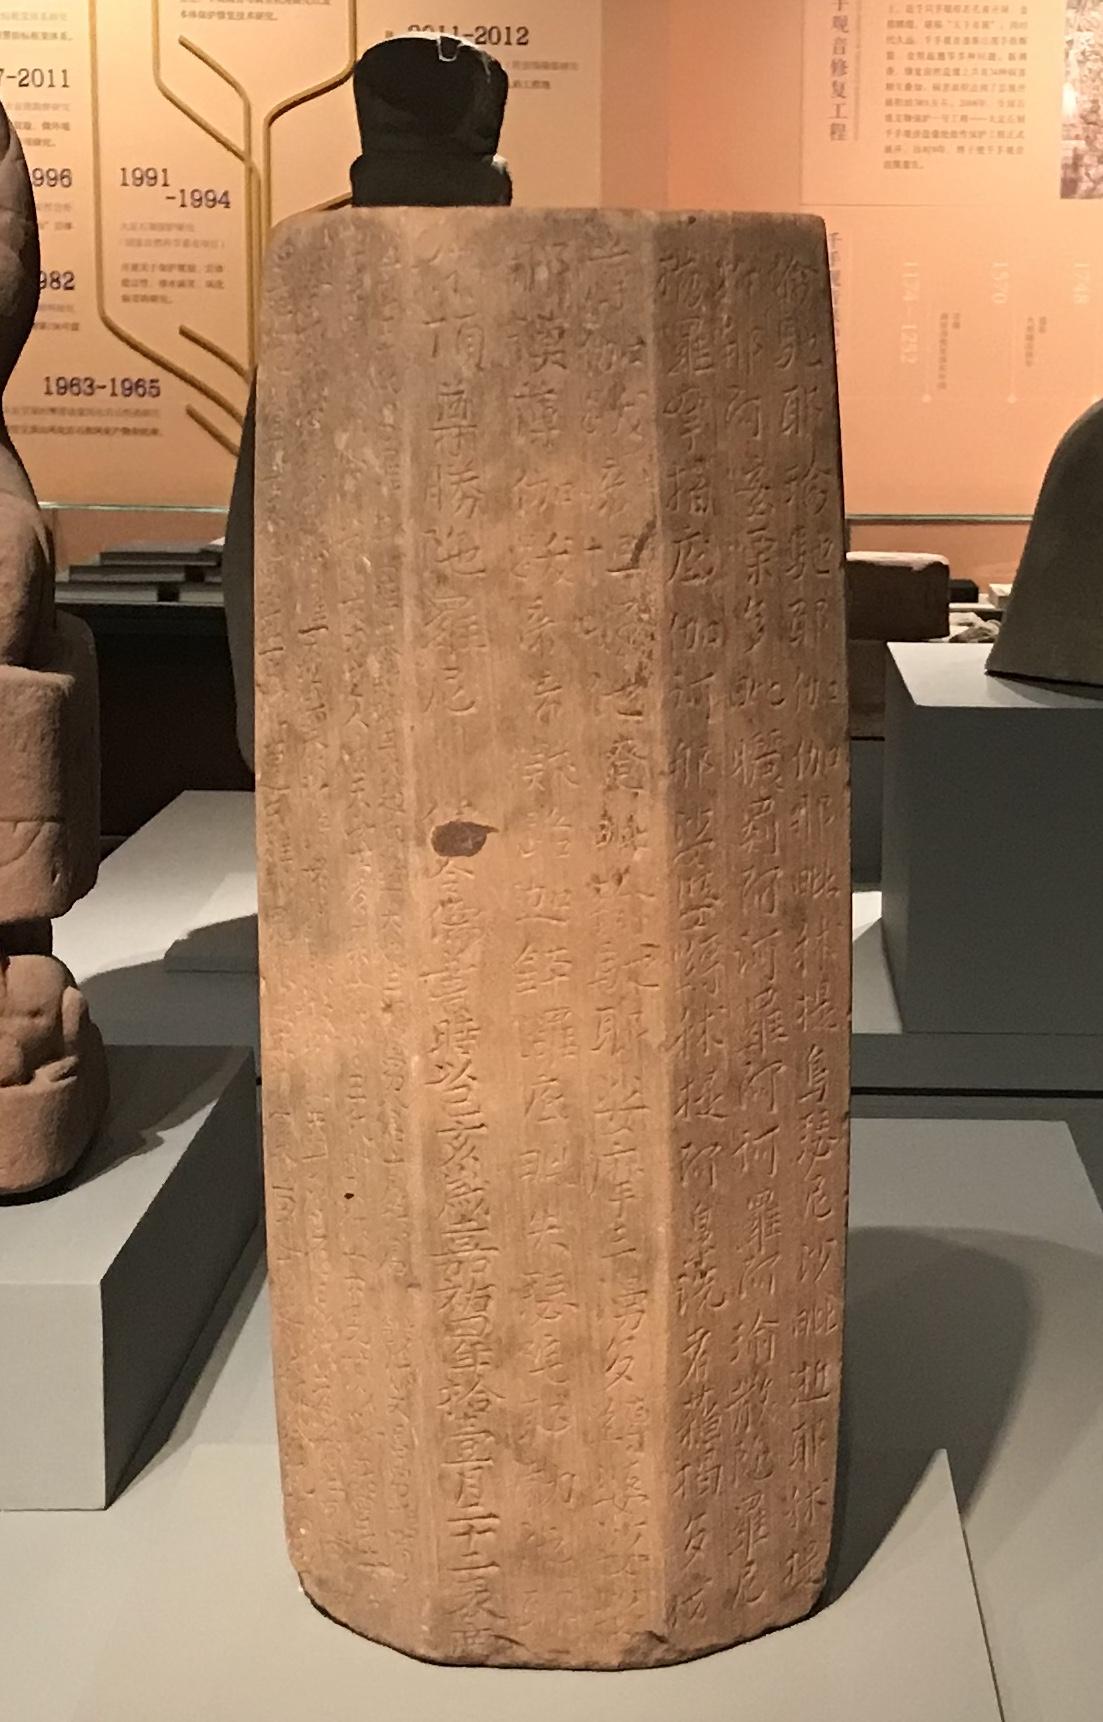 経幢幢身-北宋-天下の大足-大足石刻の発見と継承-金沙遺跡博物館-成都